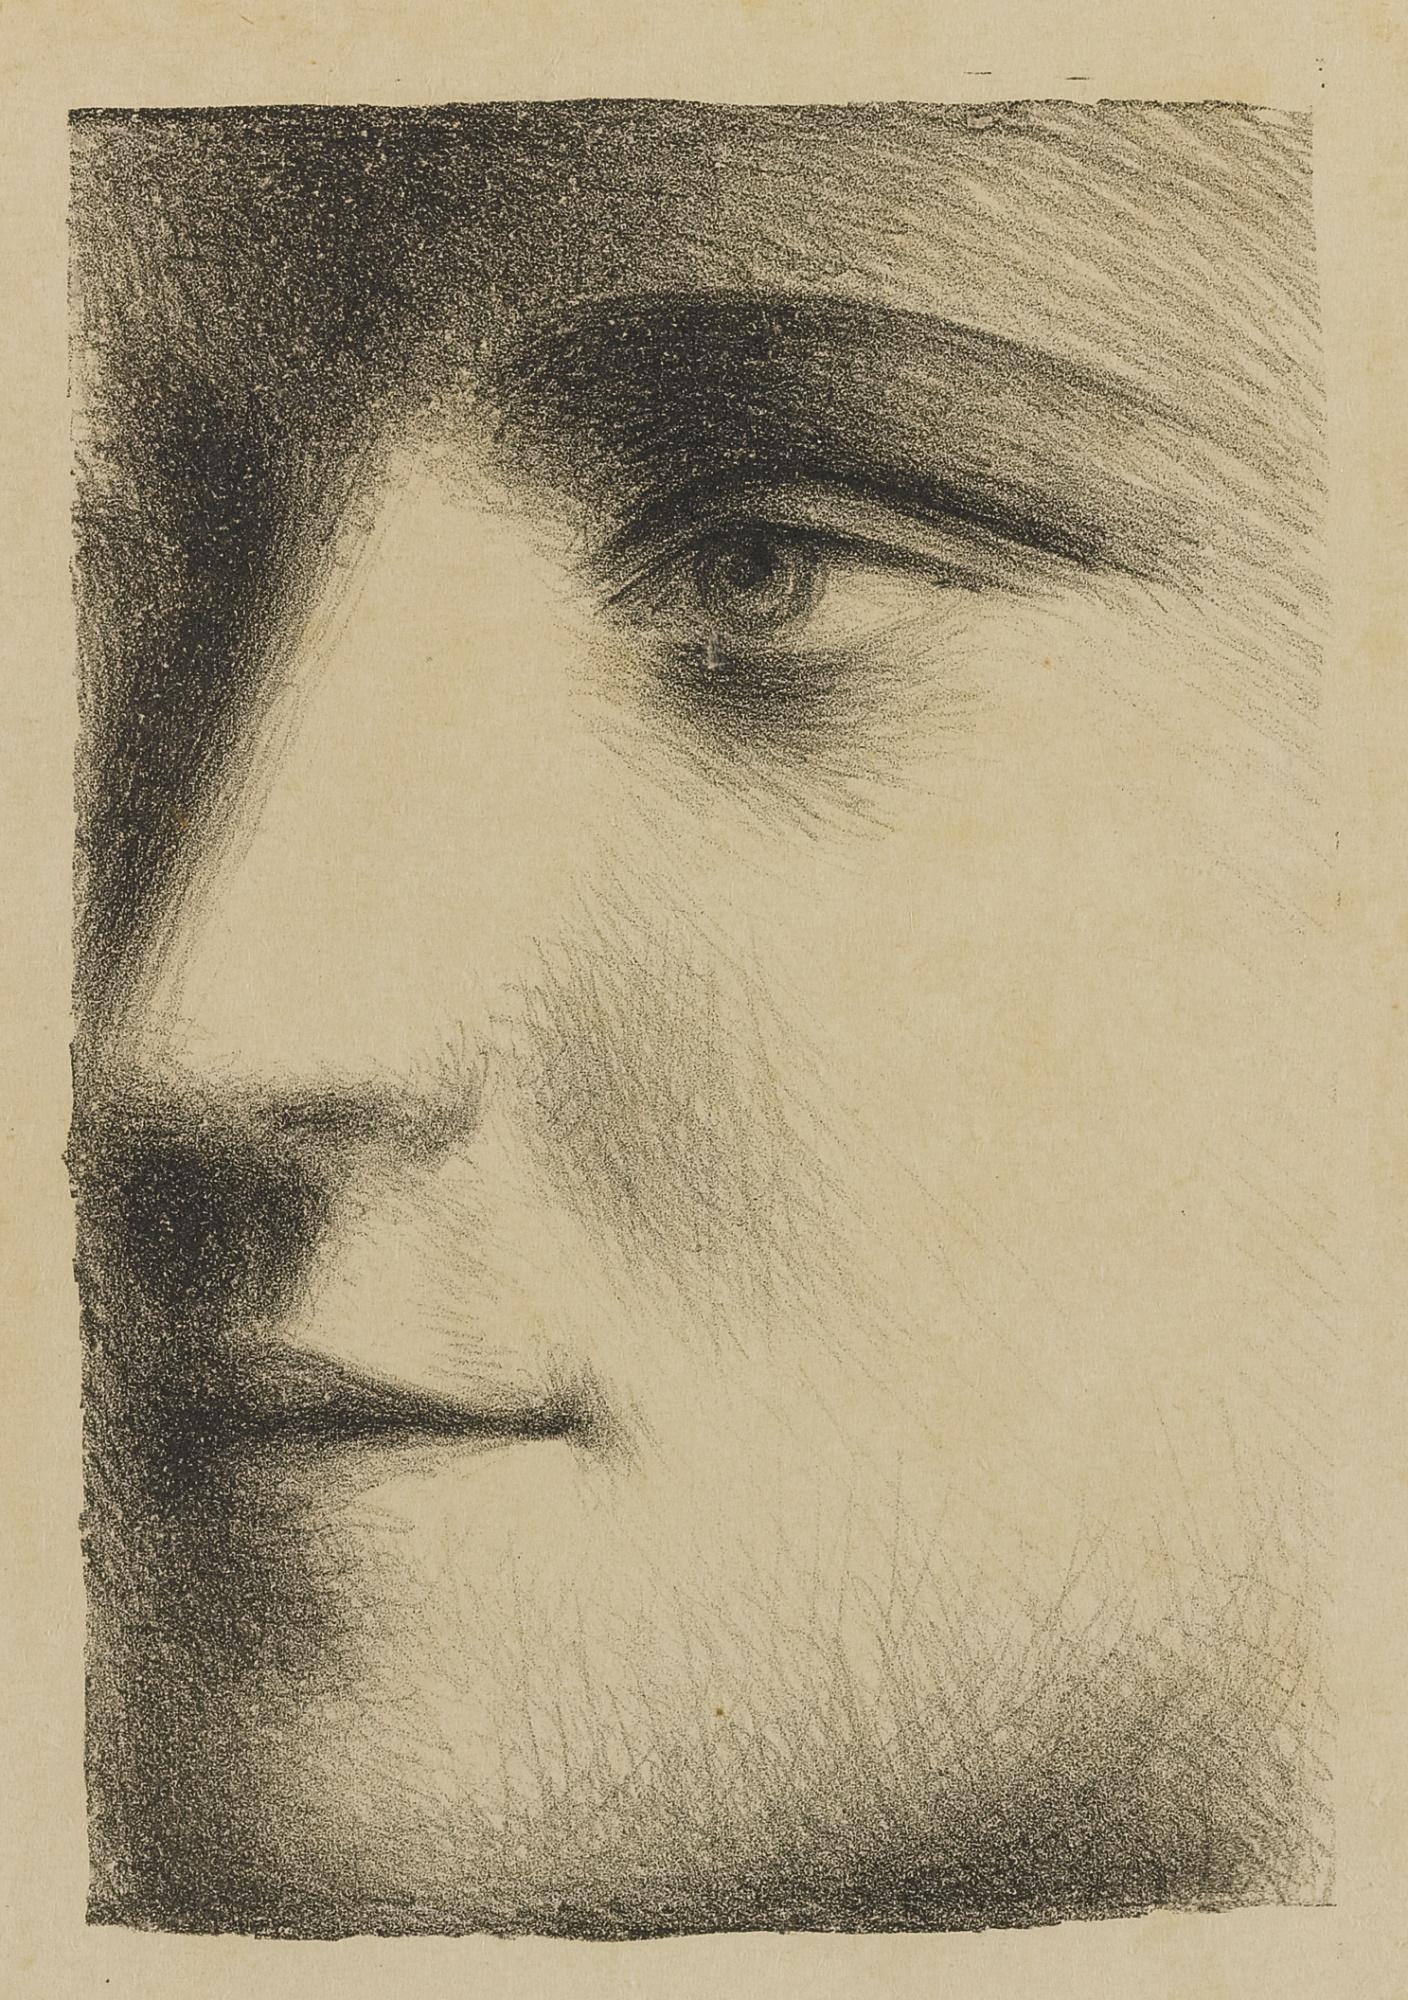 Pablo Picasso-Visage (B. 95; Ba. 243 M. Xxiii; P.P. Xxiii)-1928